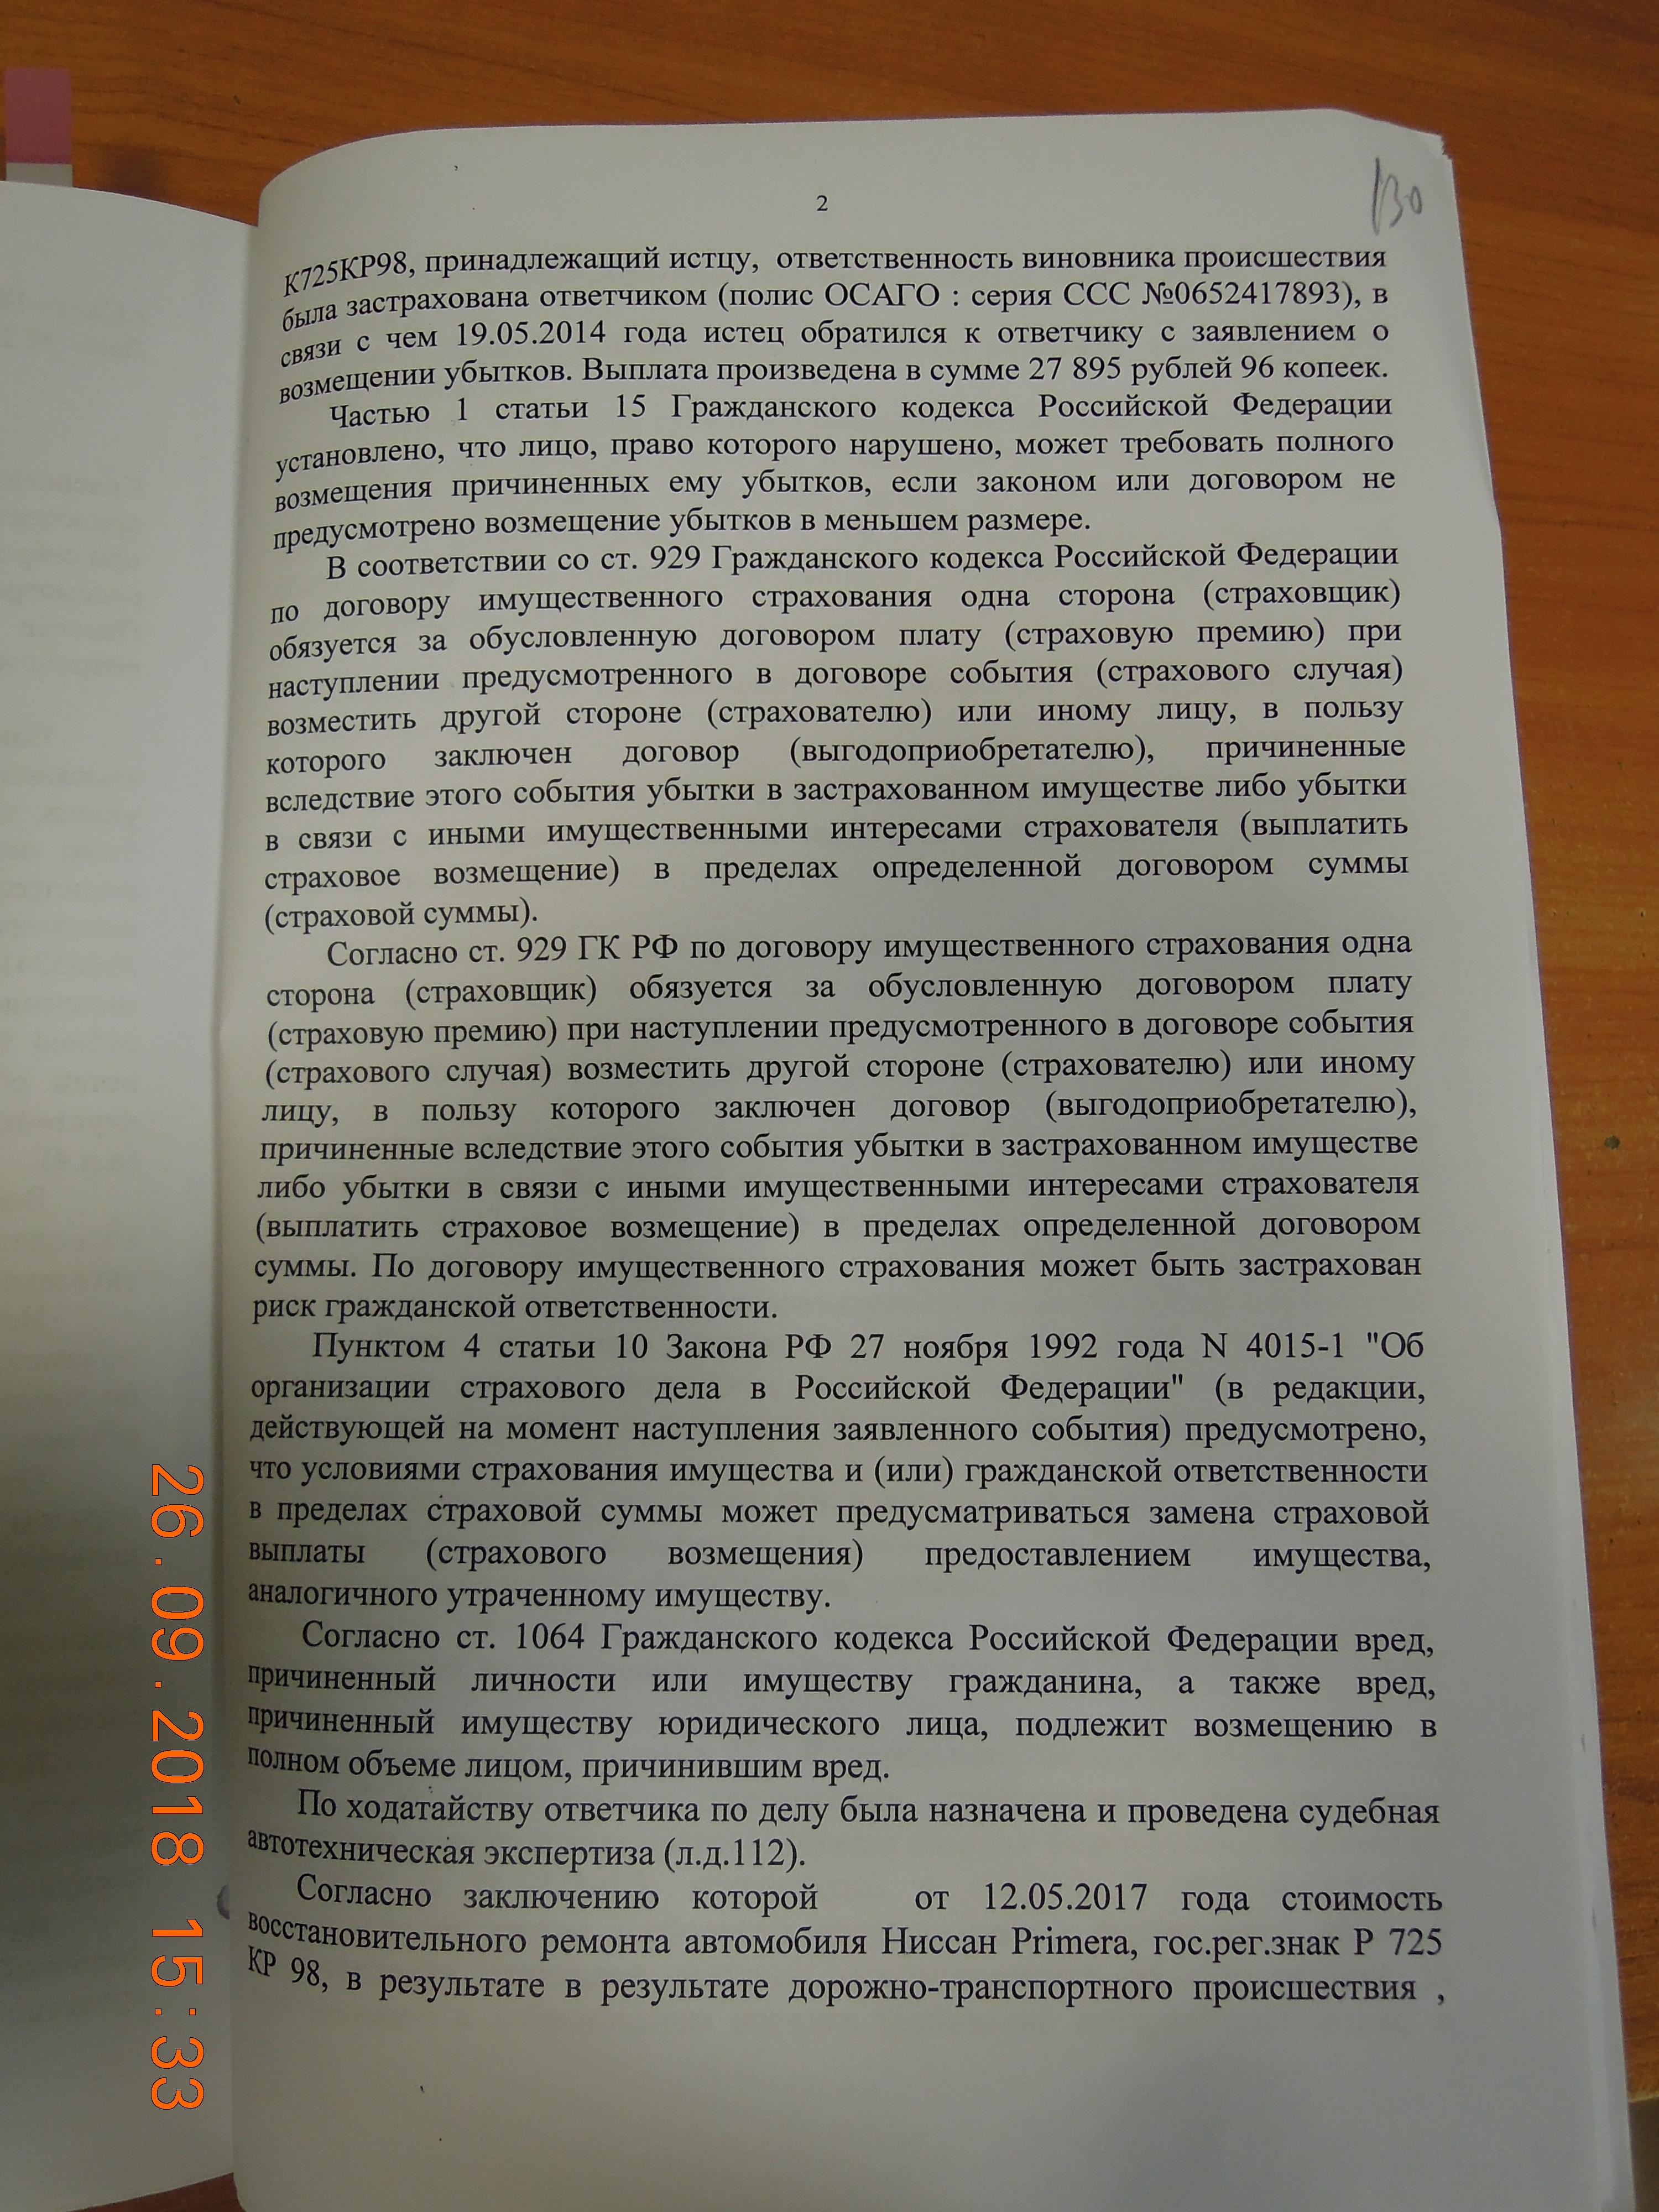 DSCN4576.JPG